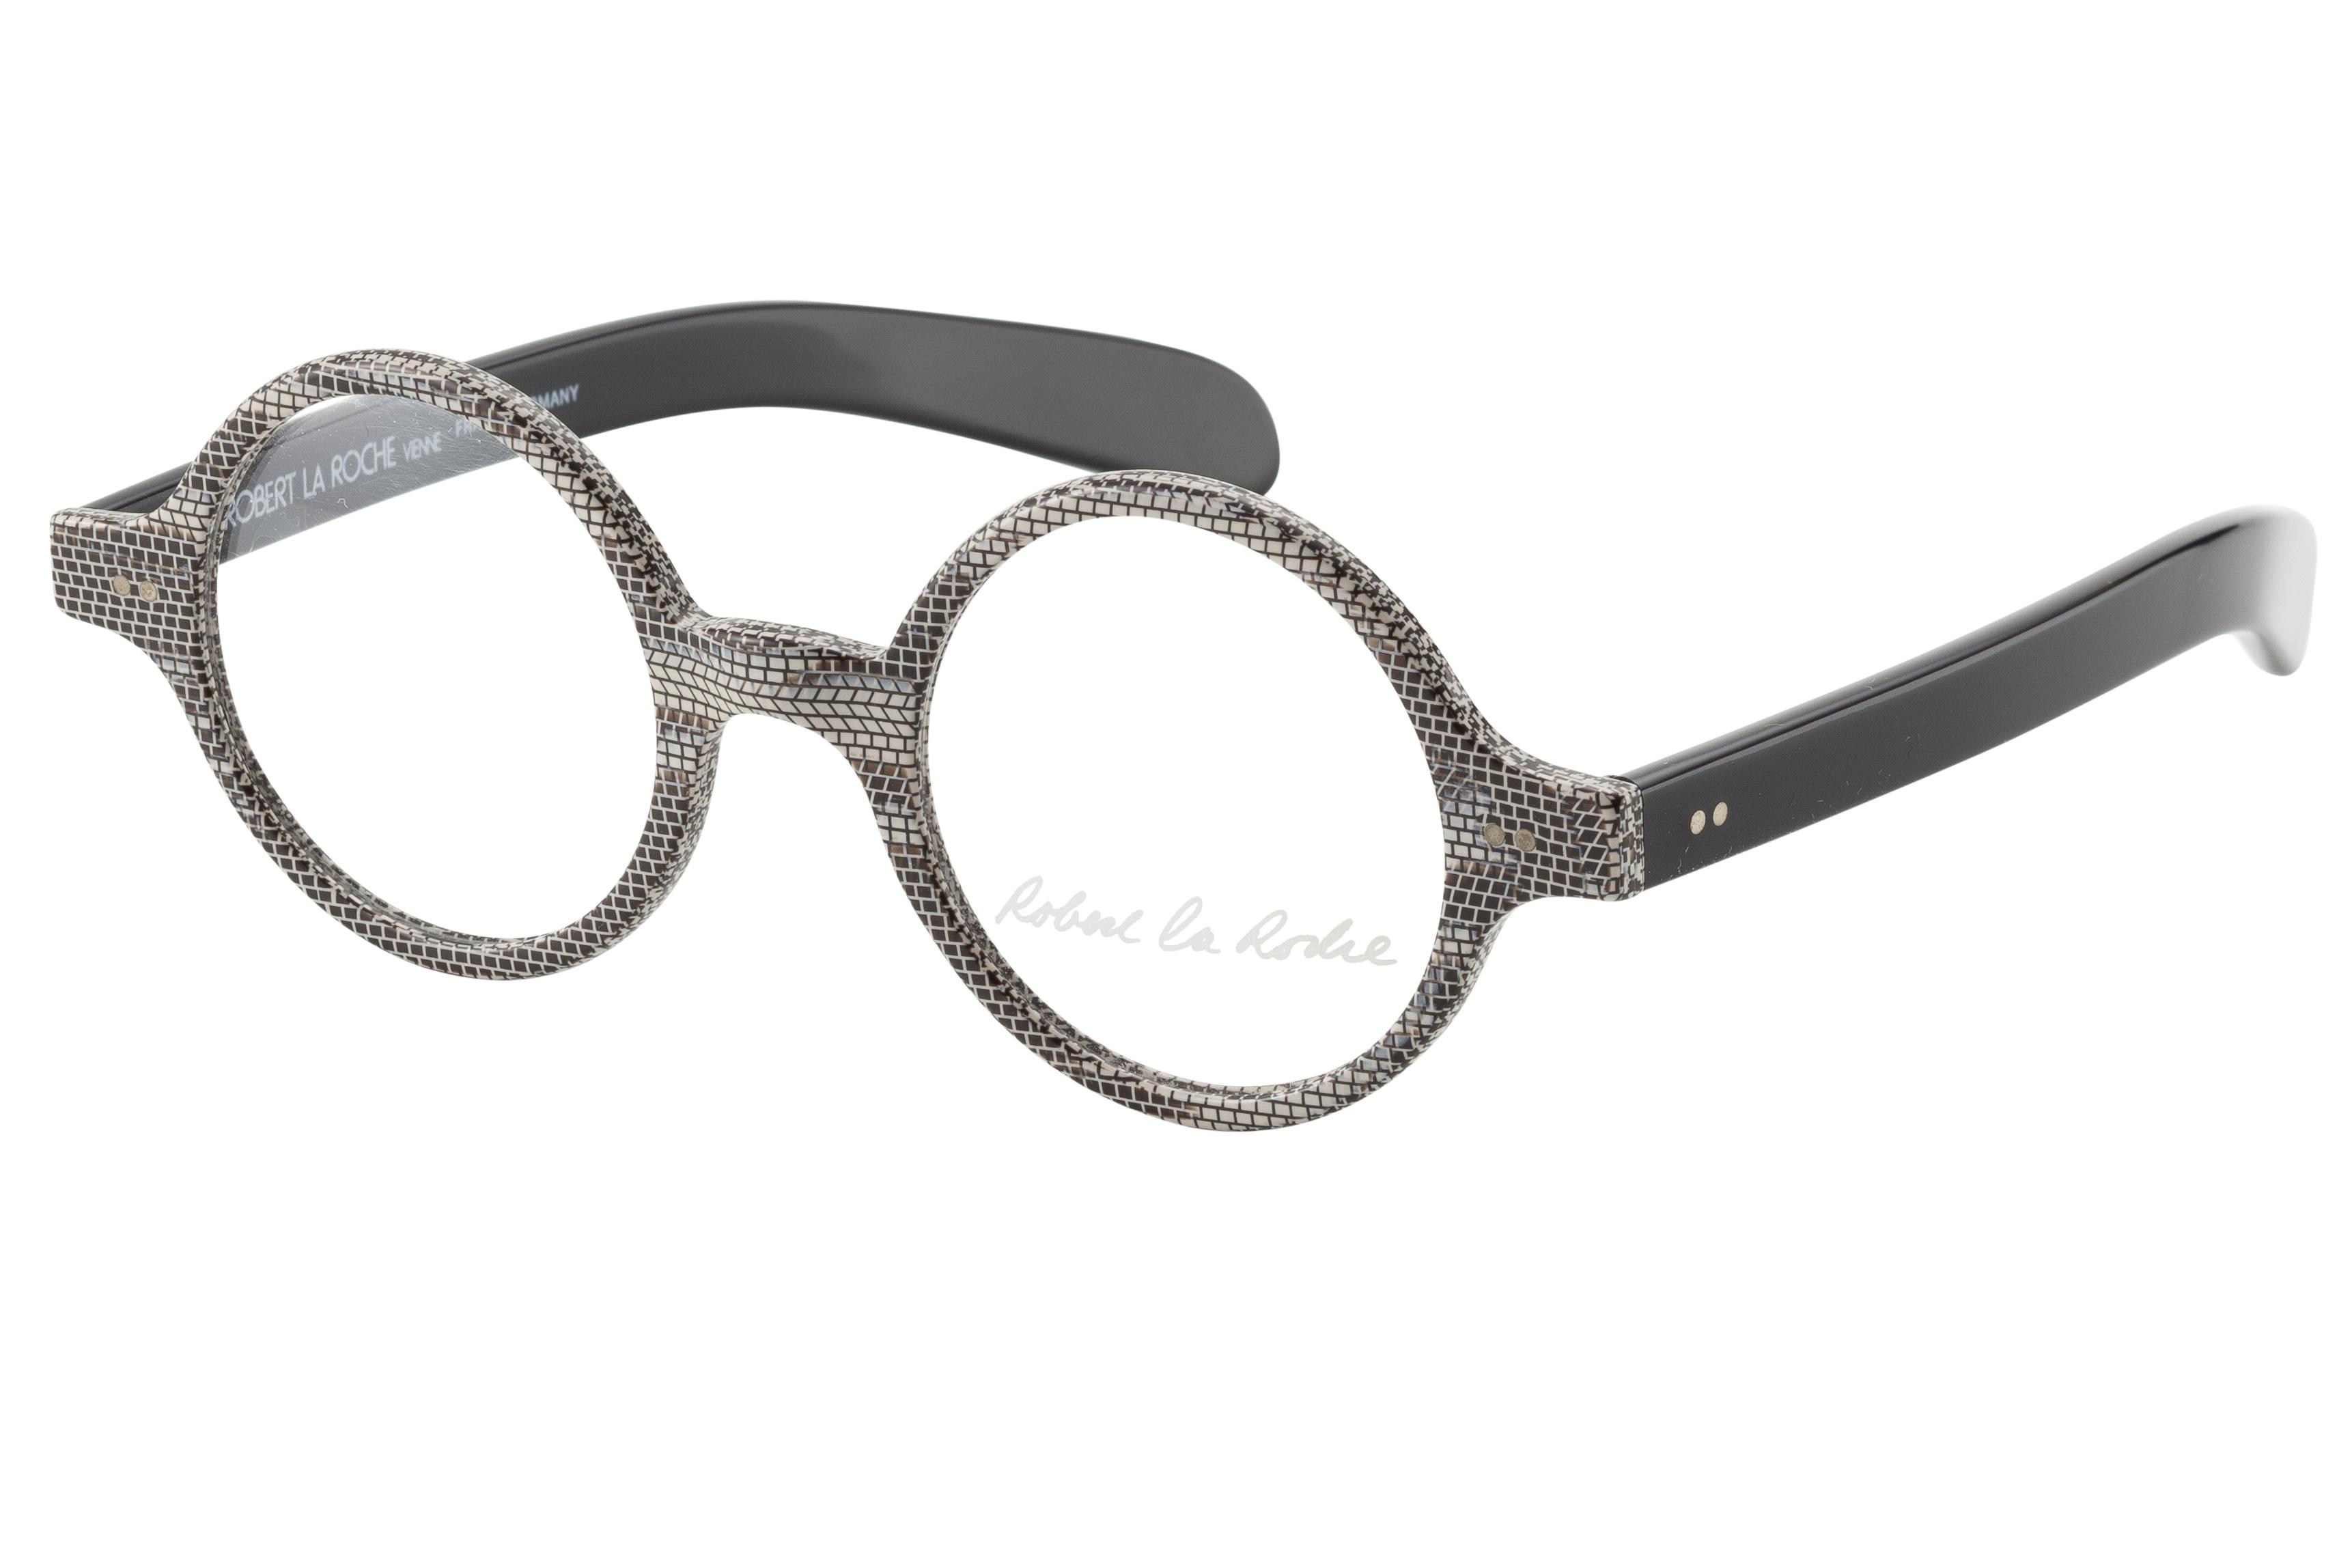 Graue Brille kaufen | Günstige Brillen transparent matt